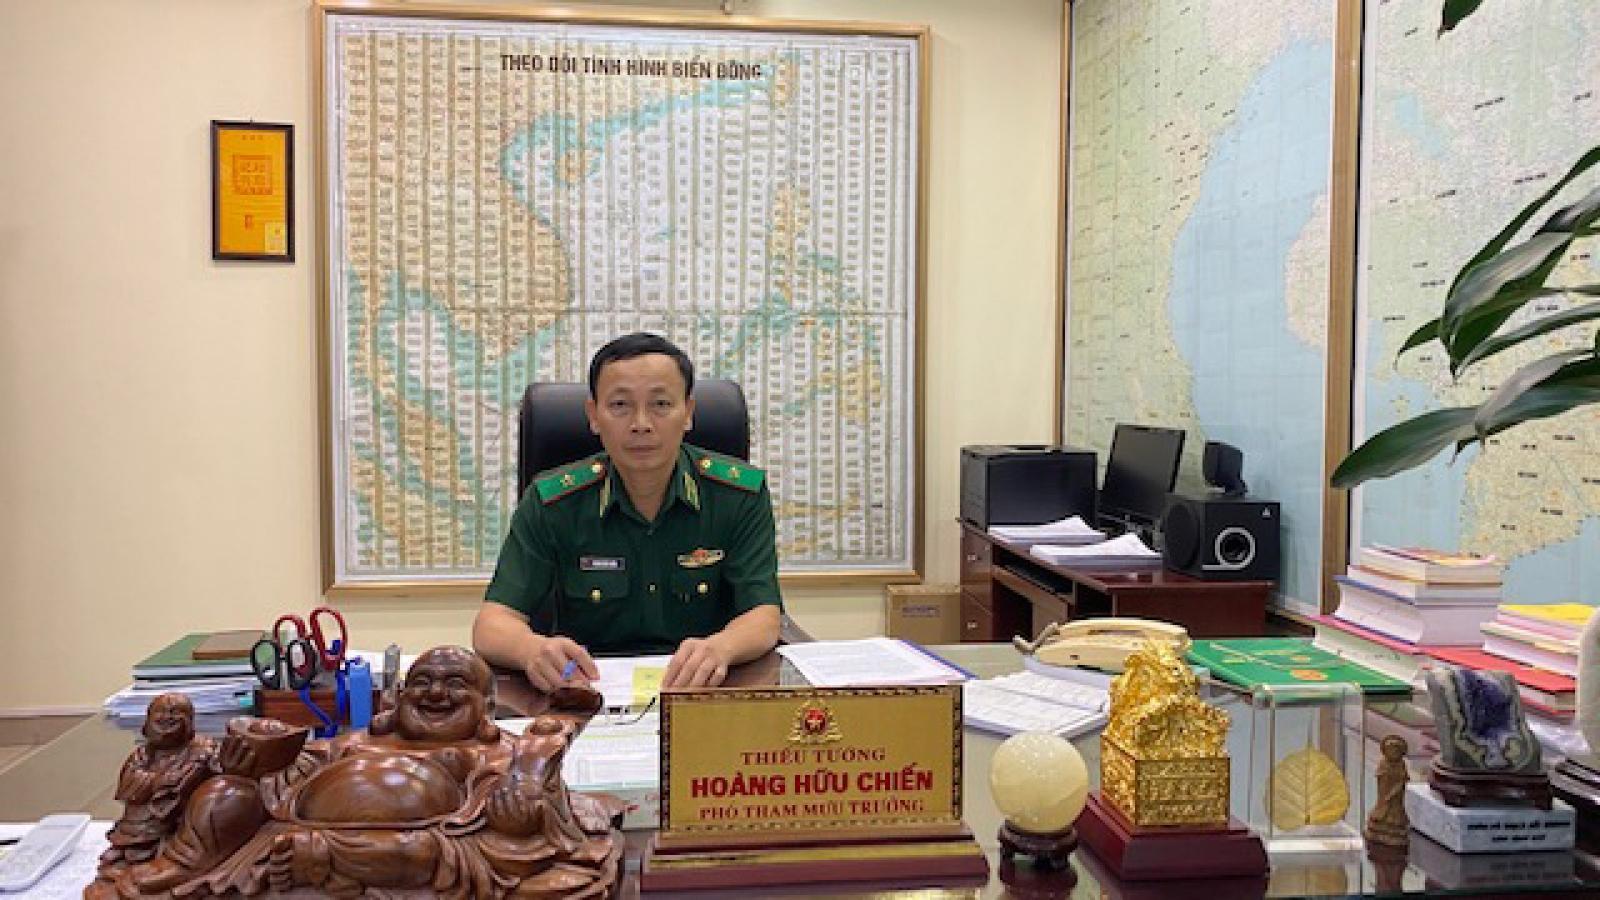 Phó Tham mưu trưởng Bộ đội Biên phòng: Ứng dụng công nghệ trong quản lý biên giới